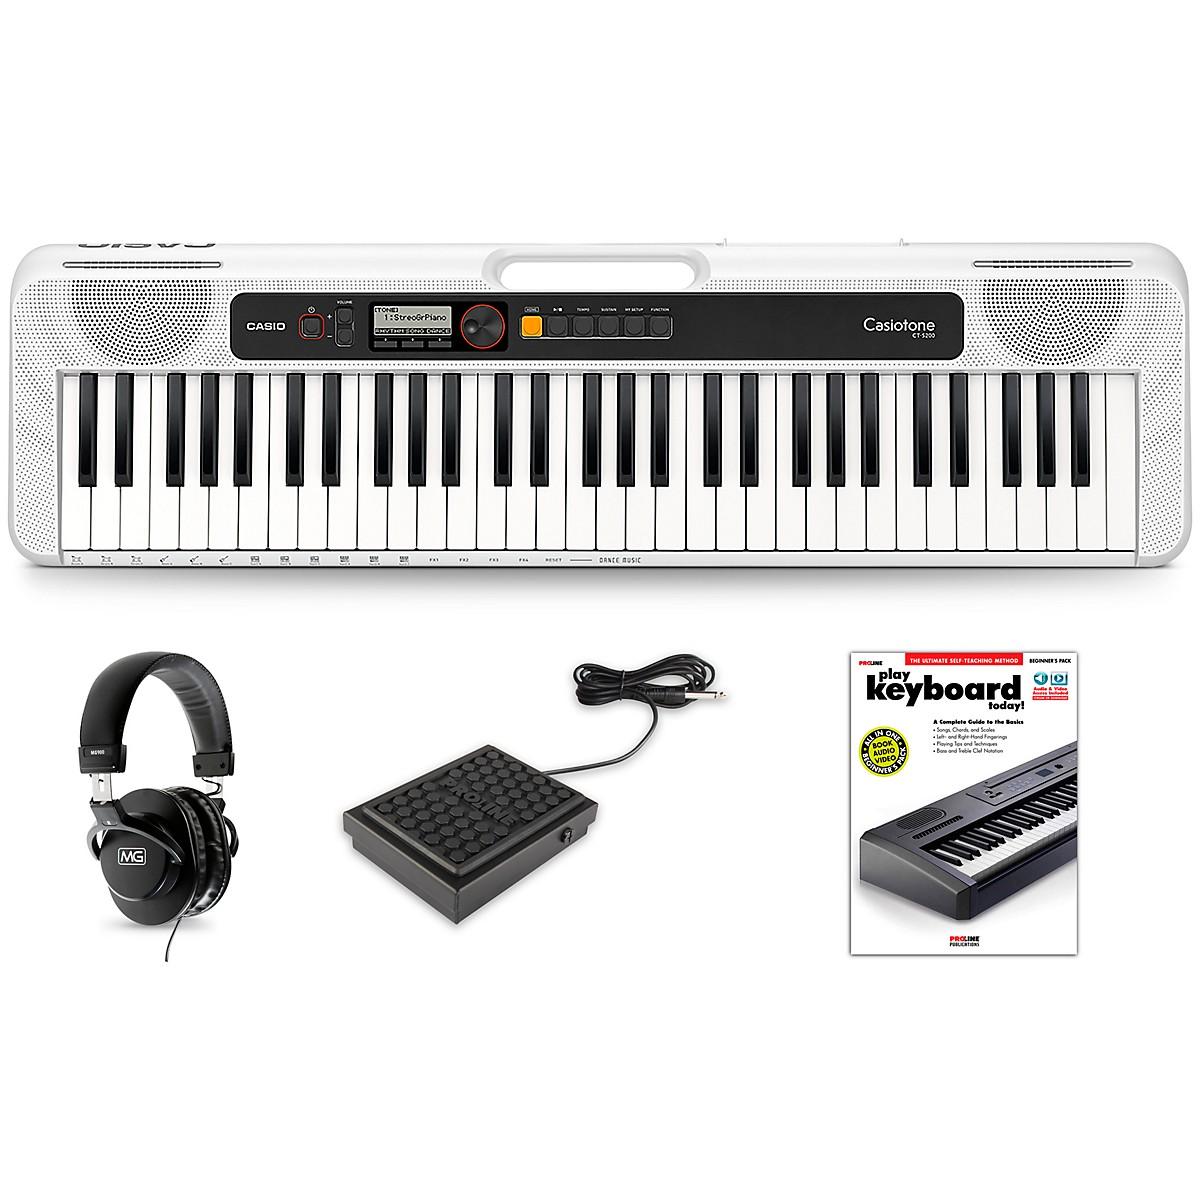 Casio Casiotone CT-S200 Keyboard Essentials Kit